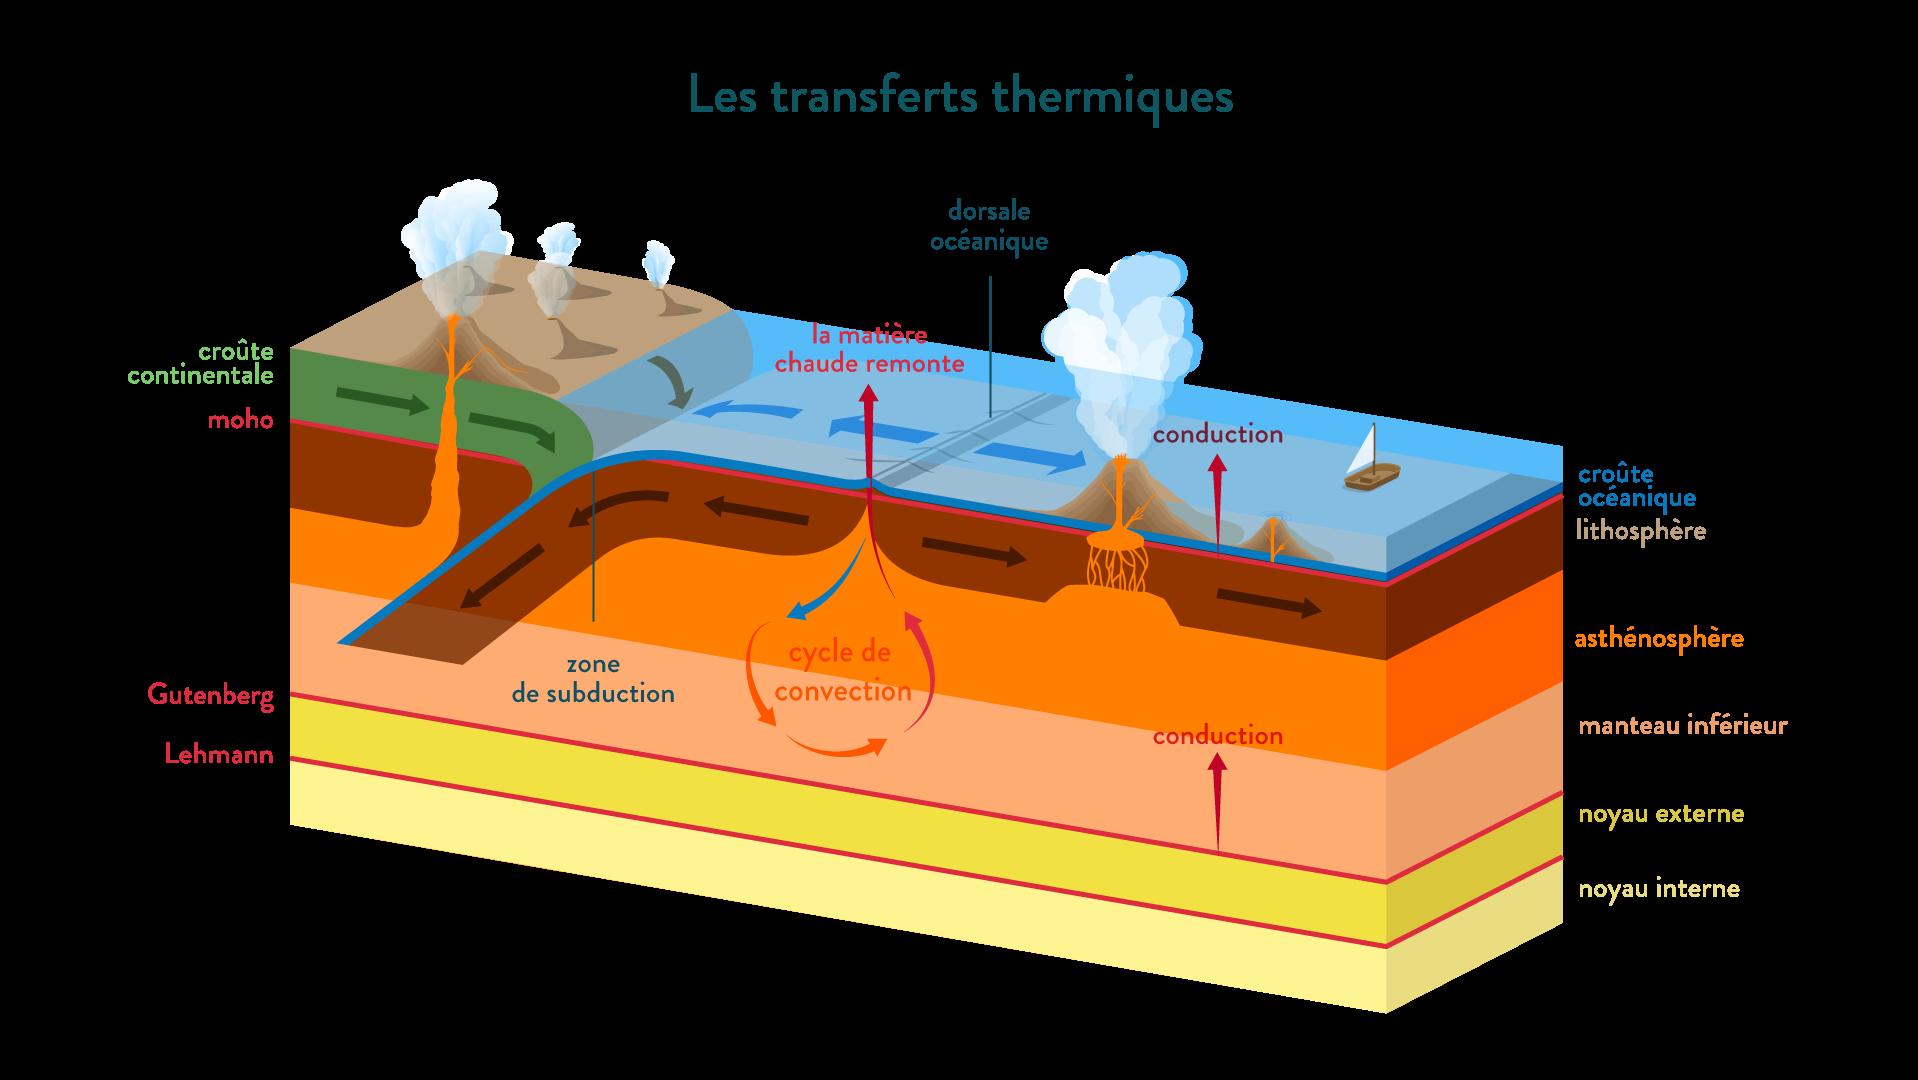 transferts thermiques convection conduction subduction dorsale océanique lithosphère asthénosphère manteau mécanismes de transferts thermiques terre svt première schoolmouv